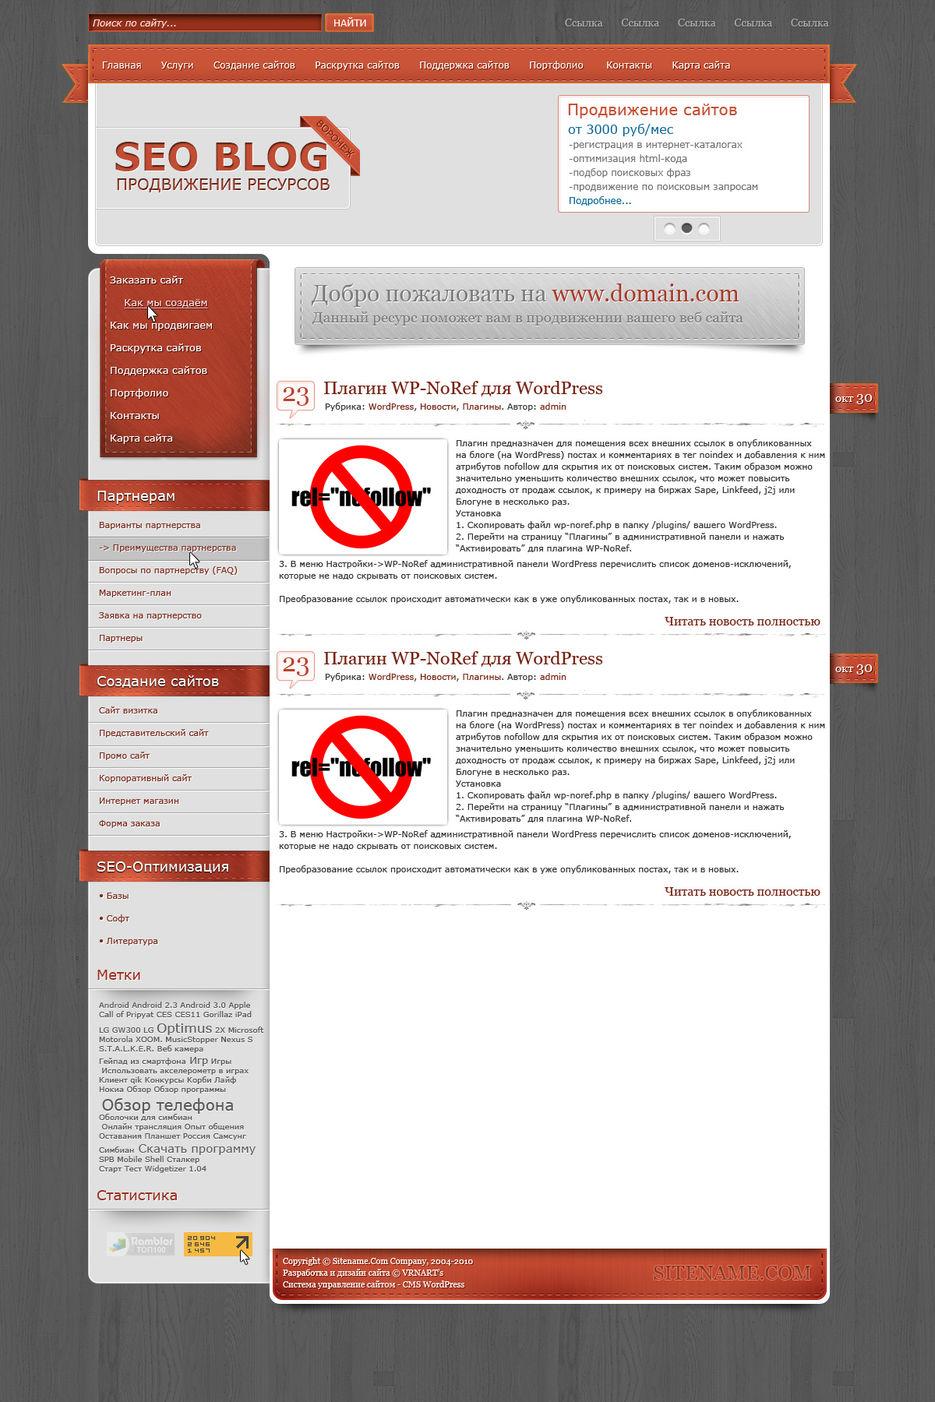 Нас портфолио карта сайта создание продвижение сайтов василисы белозеровой материалы статьи на тему продвижение сайтов